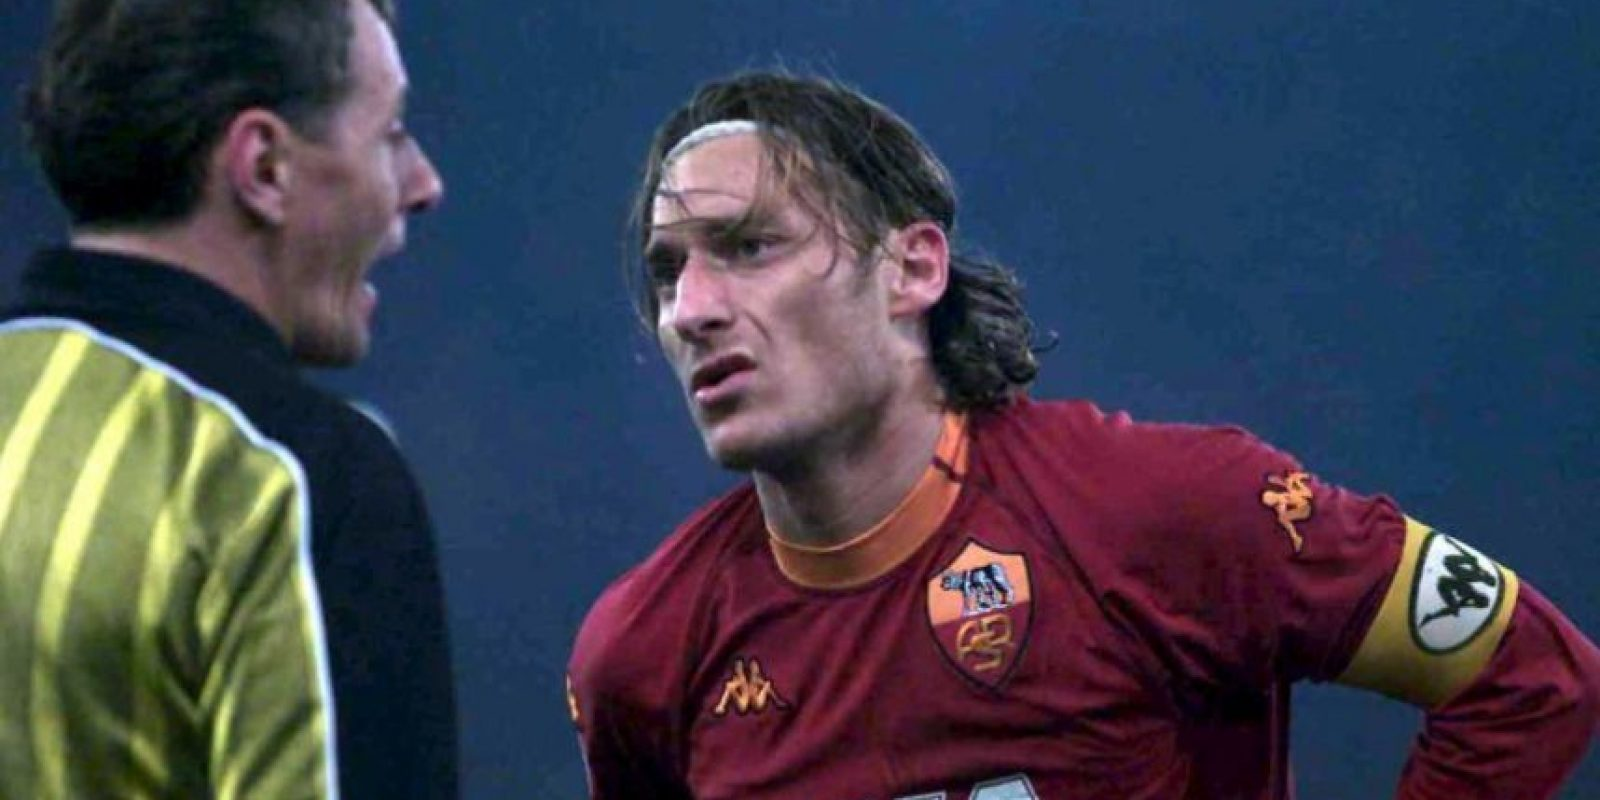 Muchos cuestionaron la decisión de Francesco Totti de rechazar la oferta de Real Madrid. Sin embargo, ese fue un año que el jugador nunca olvidará y cuando se coronó campeón con la Roma de la Serie A, cortando una racha de 19 años sin títulos. Además ganaron la Supercopa de Italia. Foto:Getty Images